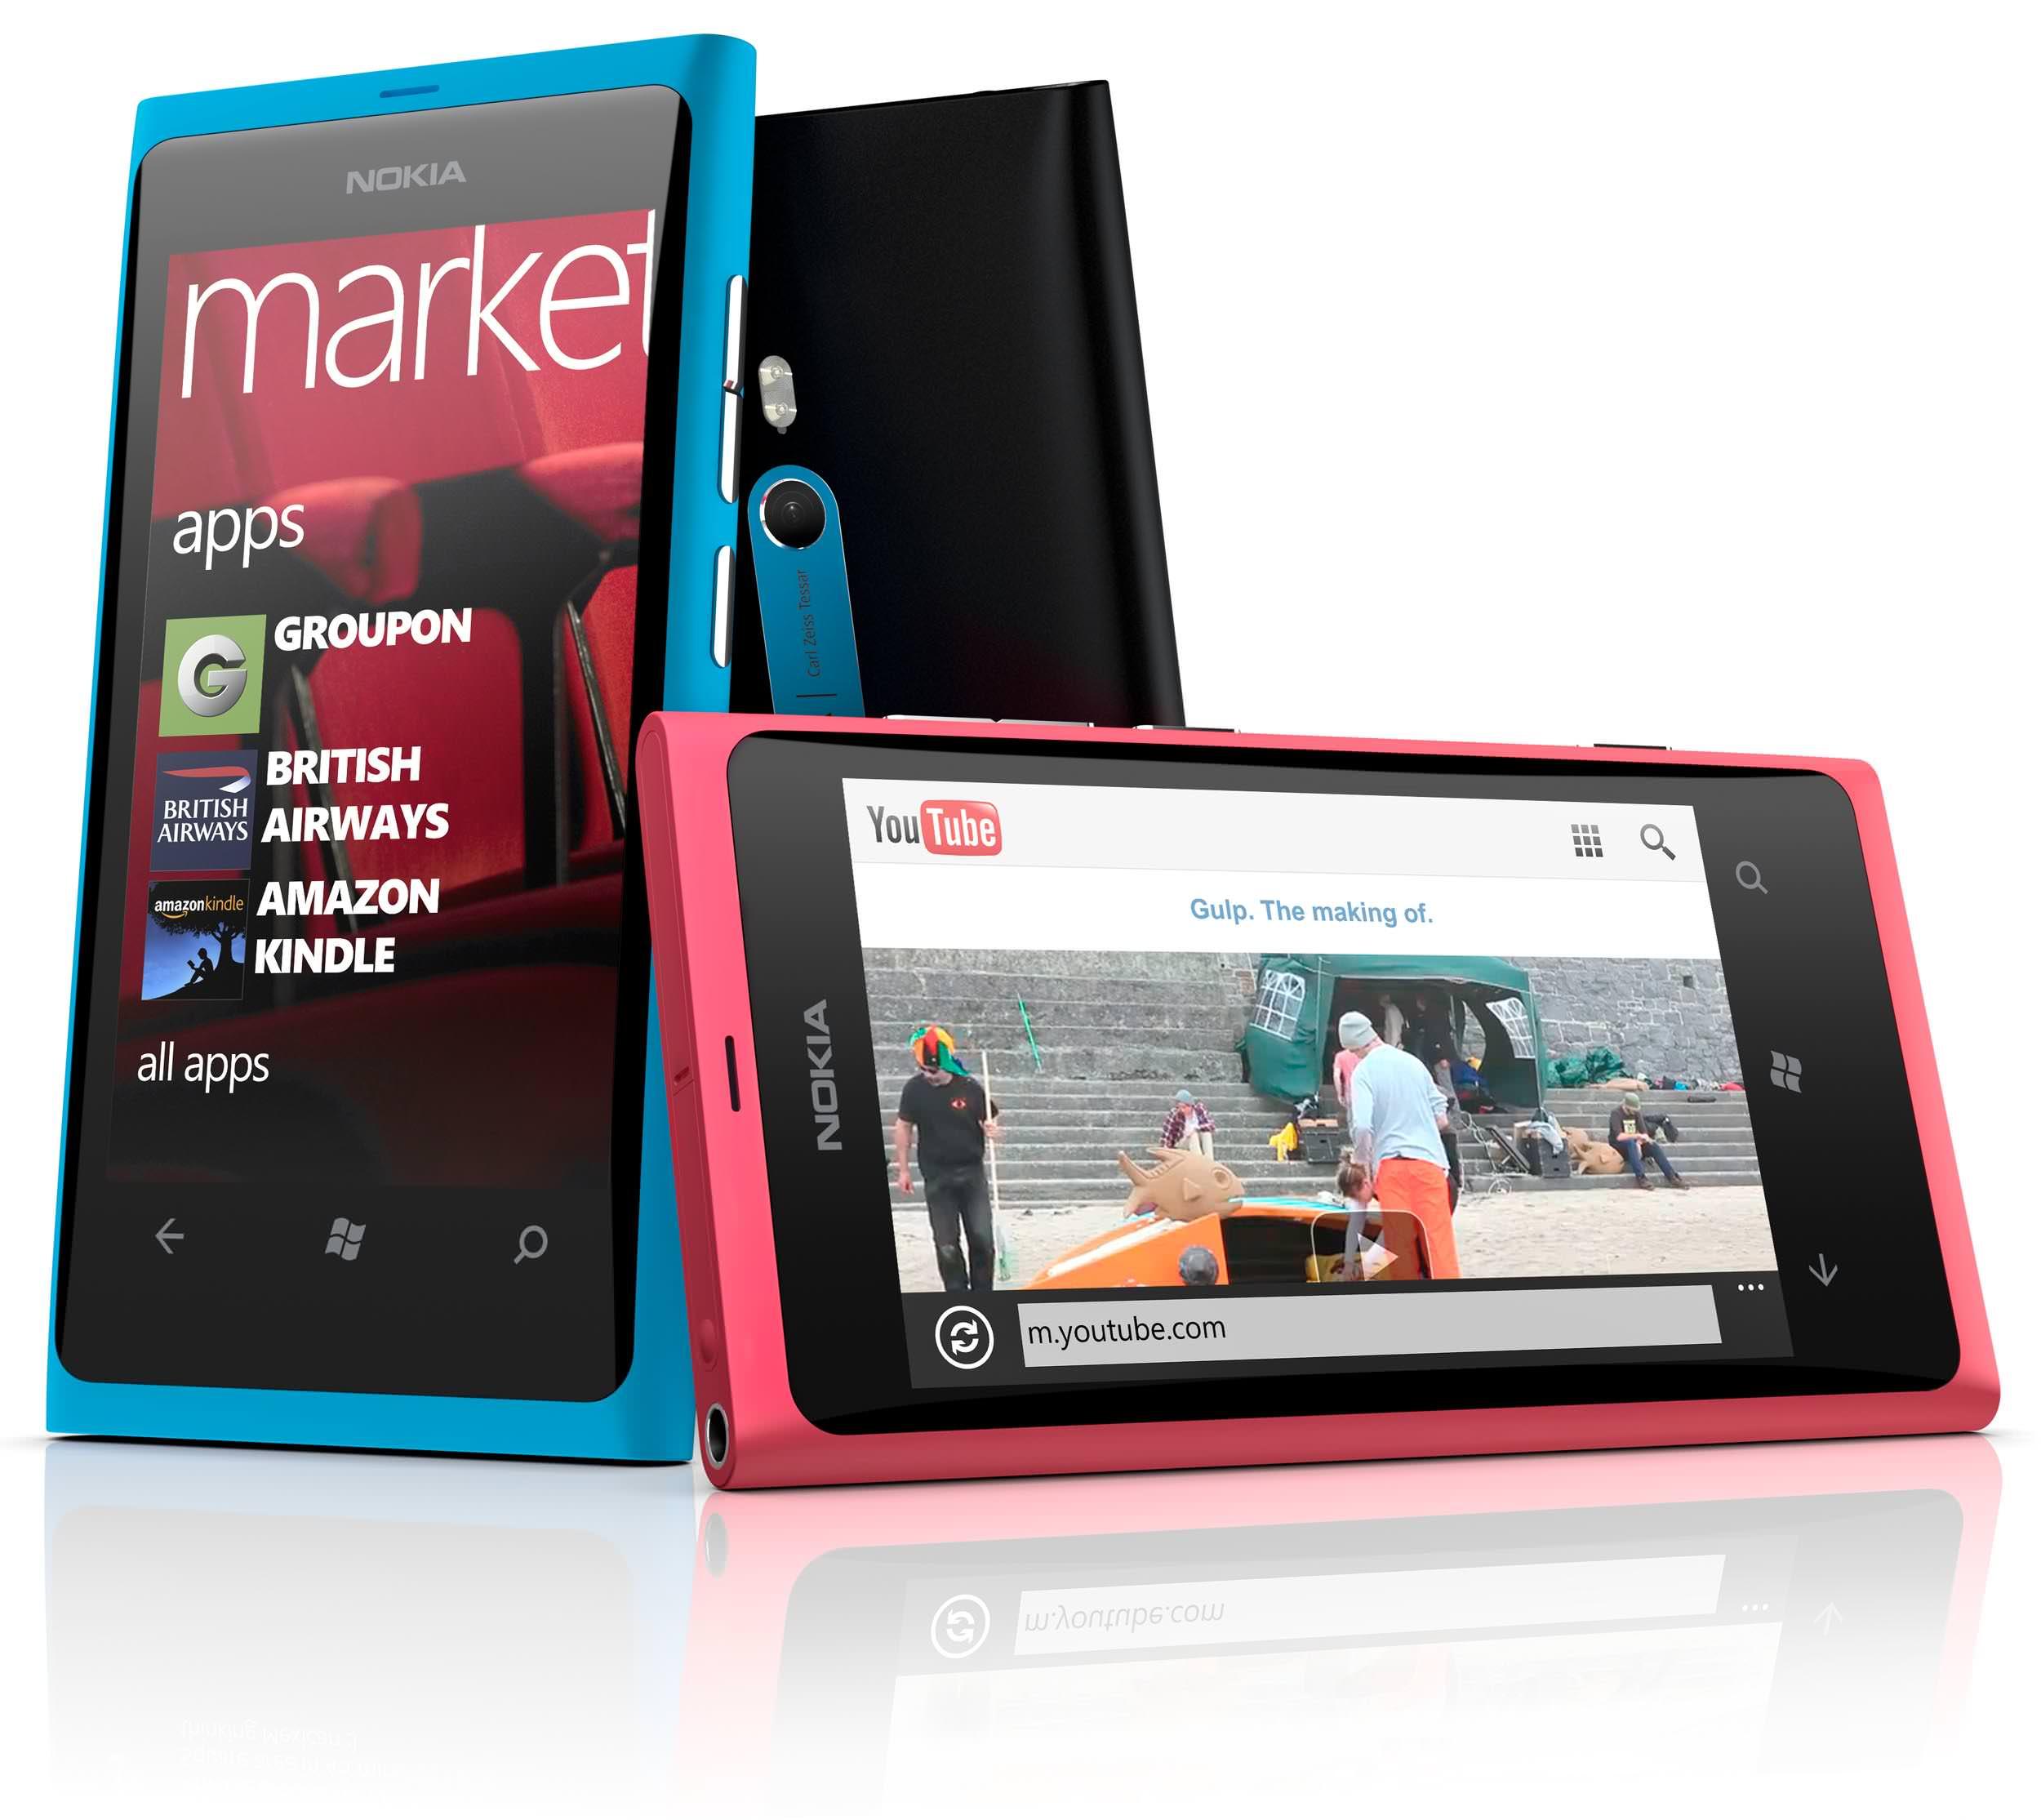 Nokia Lumia 80: Gruppen